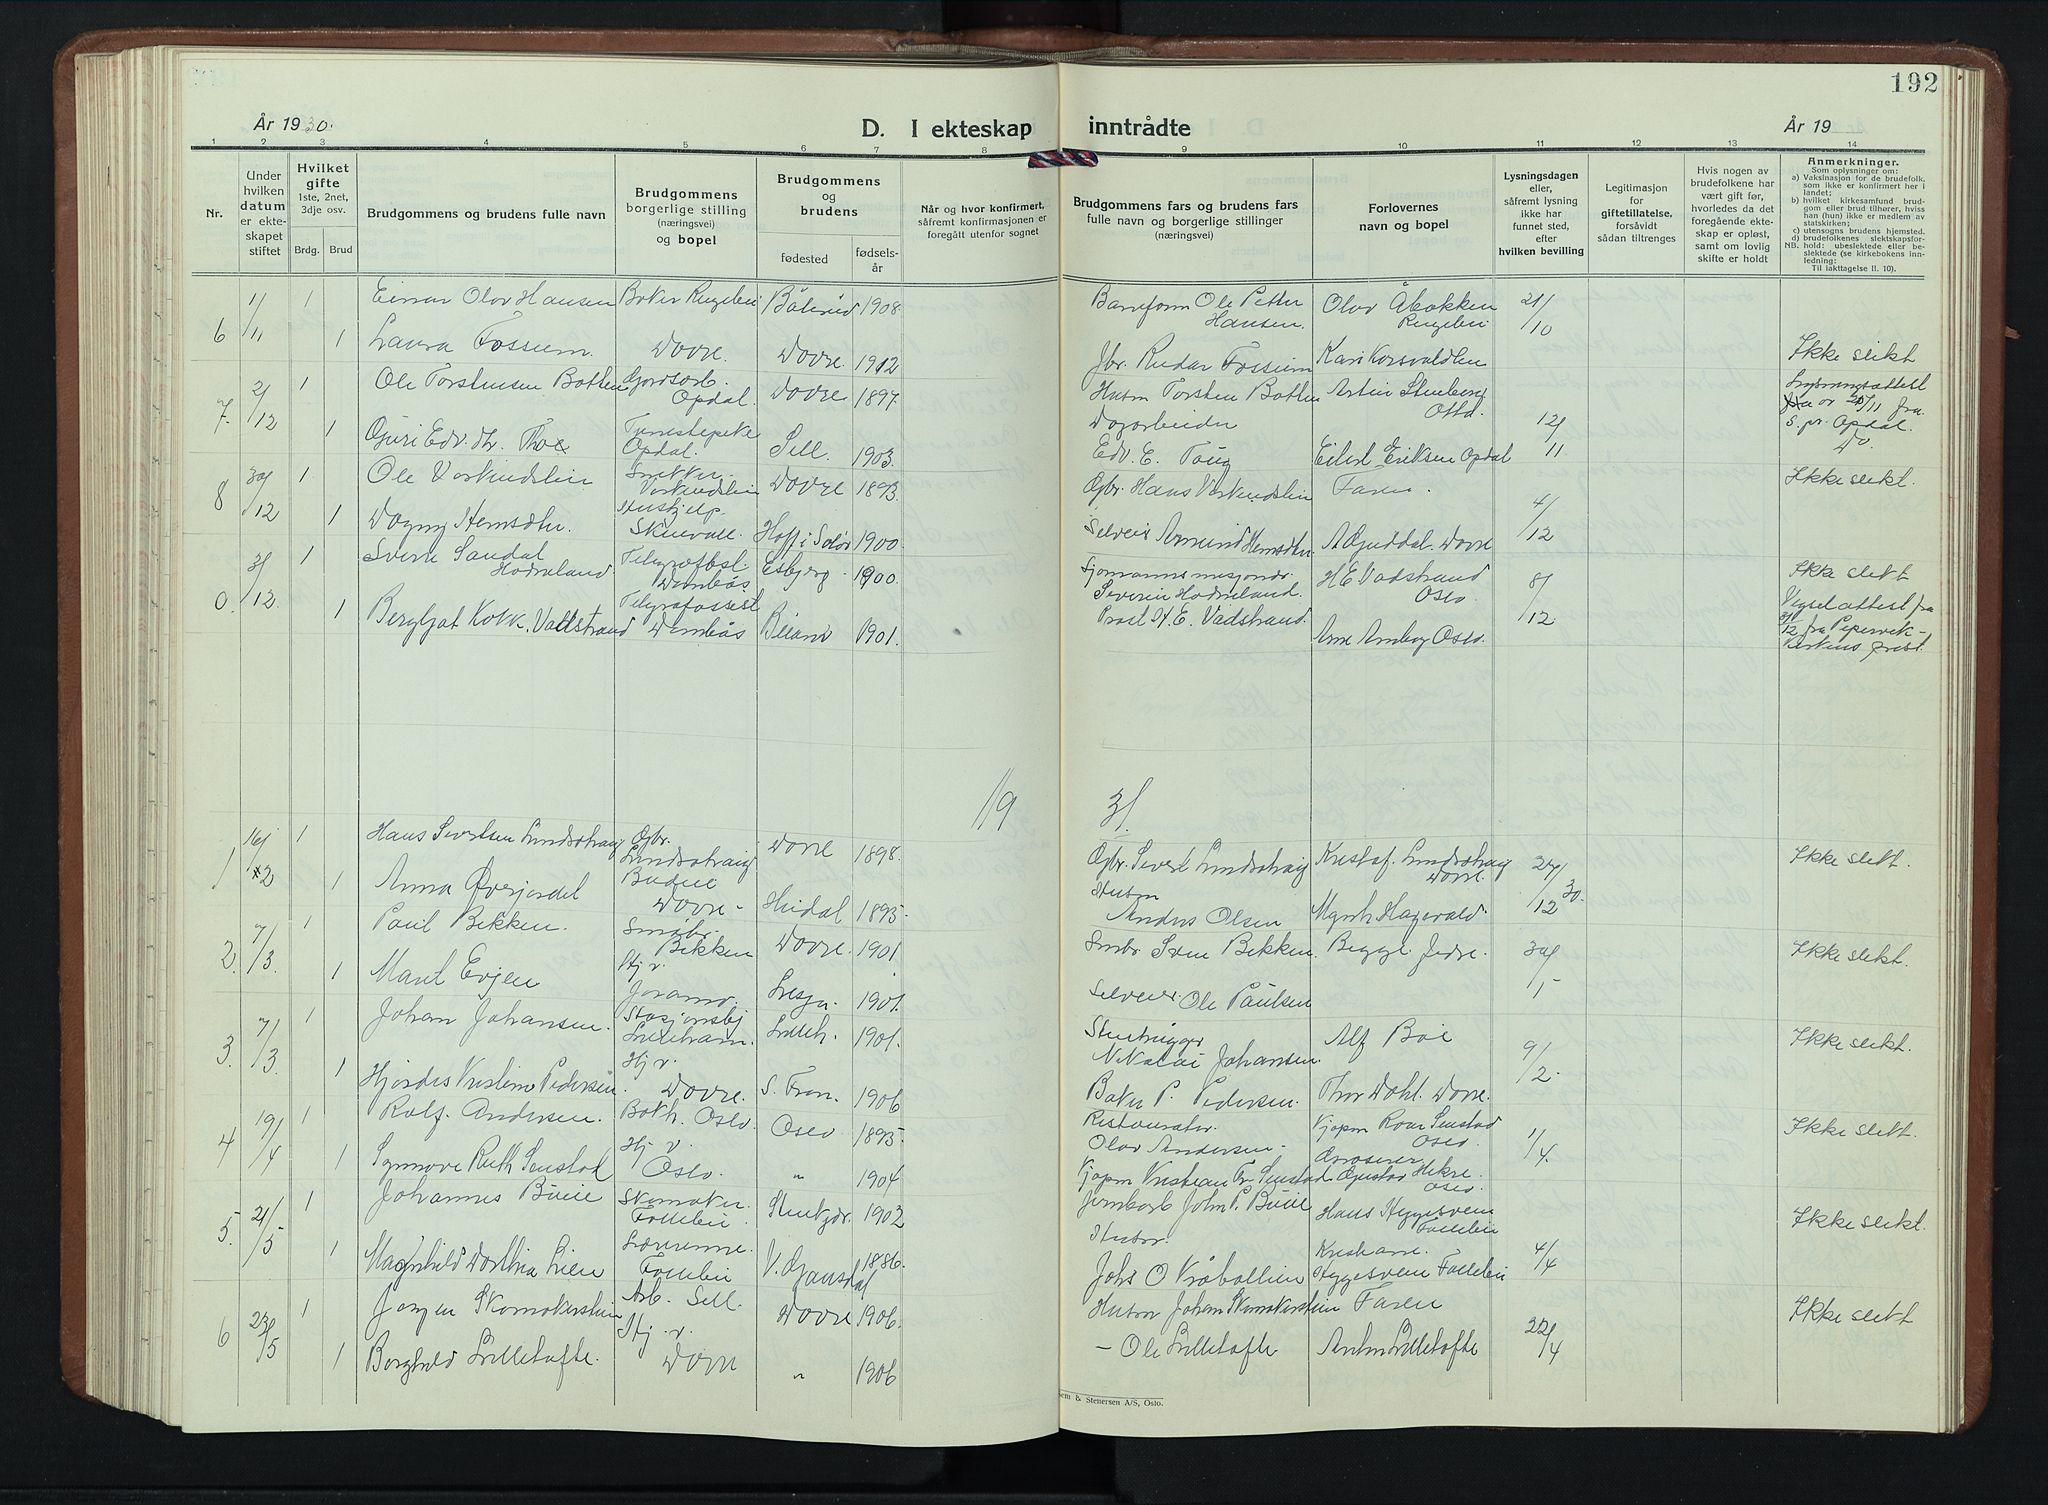 SAH, Dovre prestekontor, Klokkerbok nr. 4, 1926-1949, s. 192